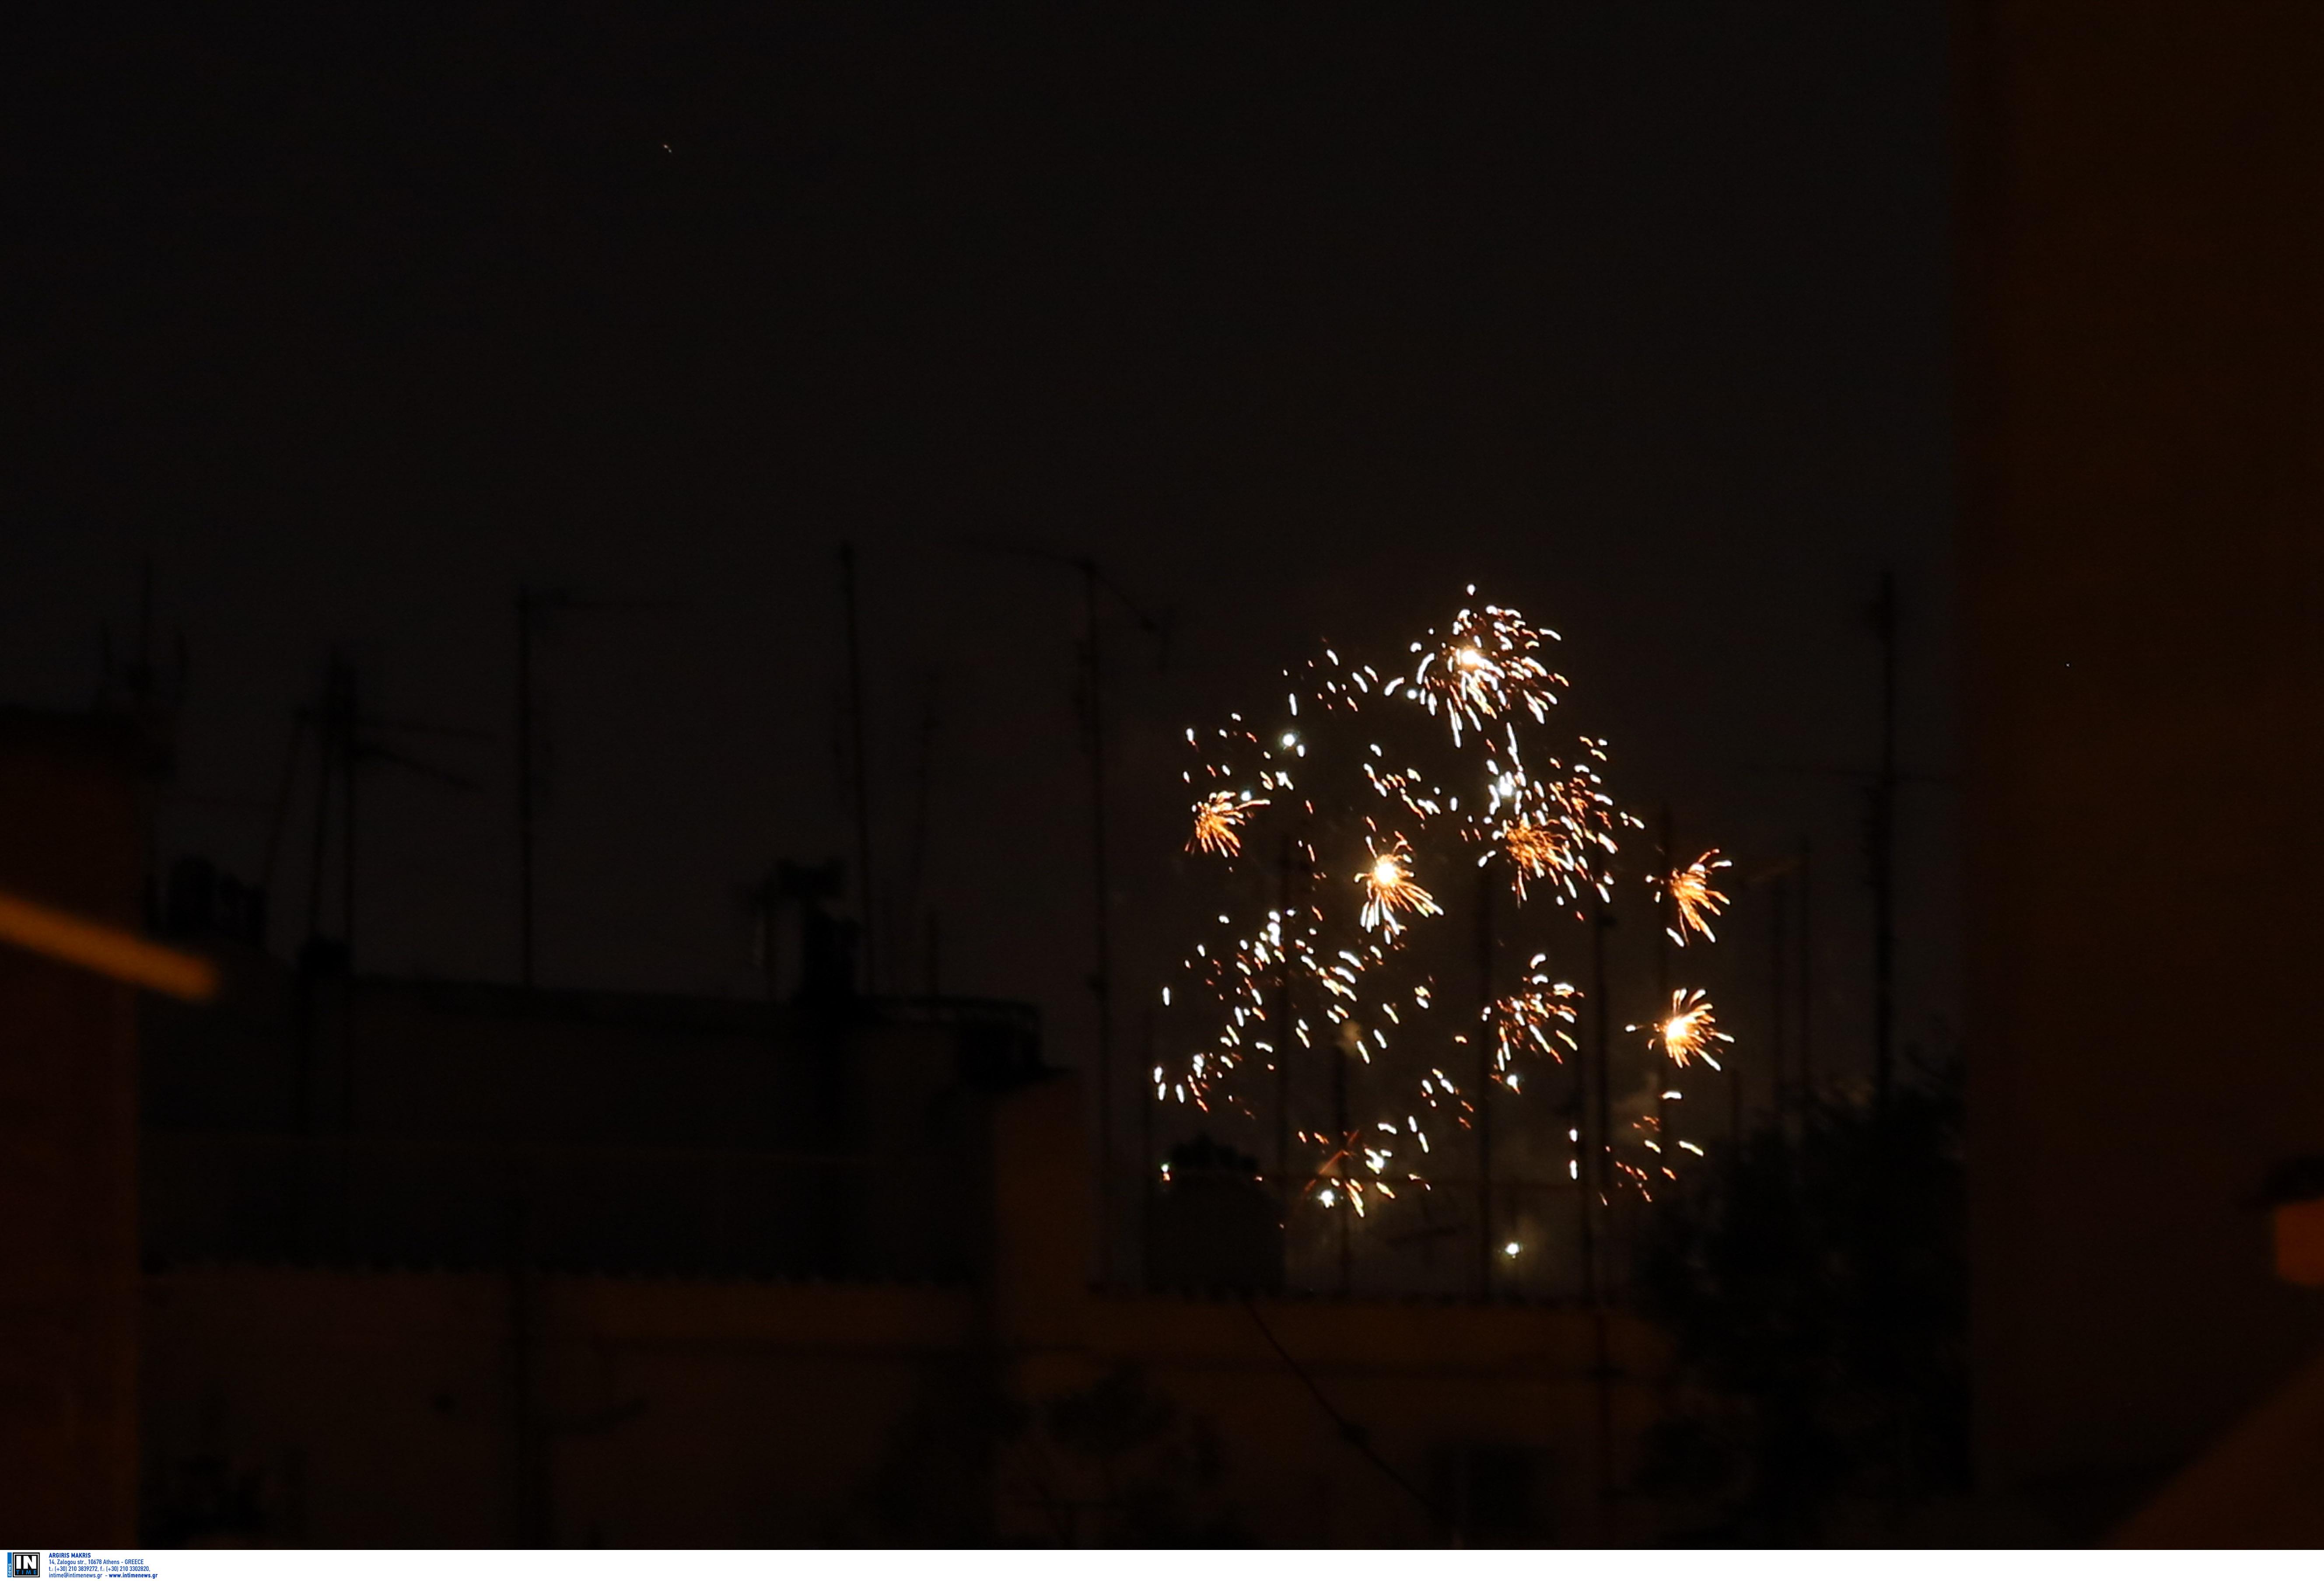 Η Θεσσαλονίκη υποδέχθηκε το 2021 με χιλιάδες πυροτεχνήματα, φωτογραφία-4